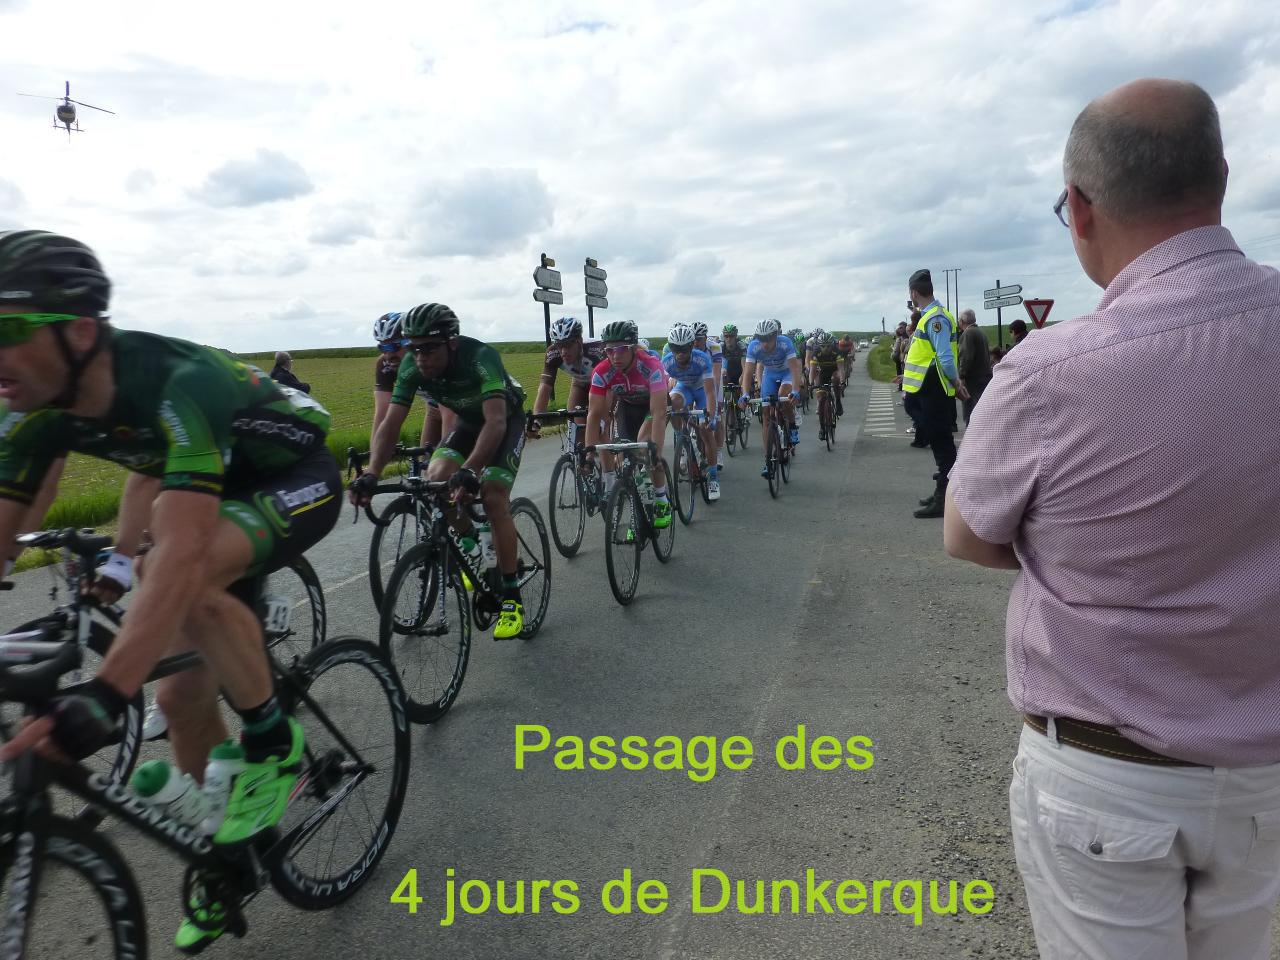 06_4-jours-de-dunkerque-59